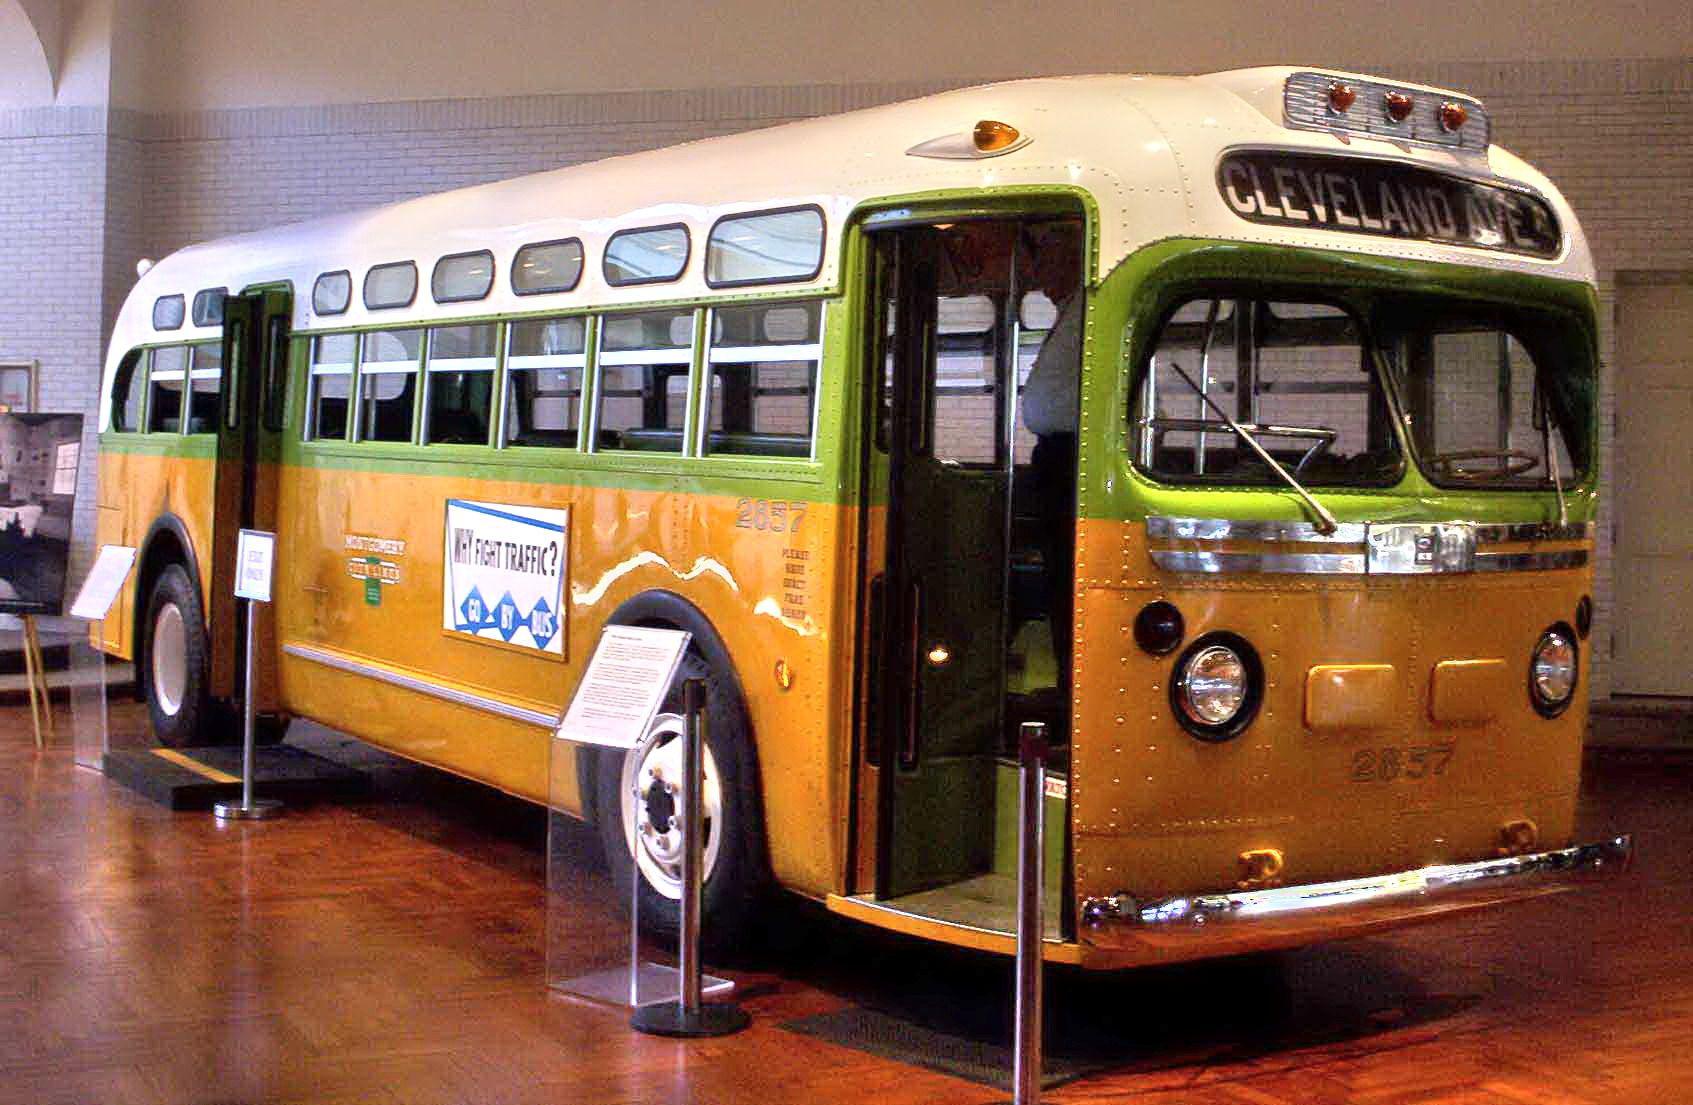 El autobús en que fue detenida Rosa Parks.